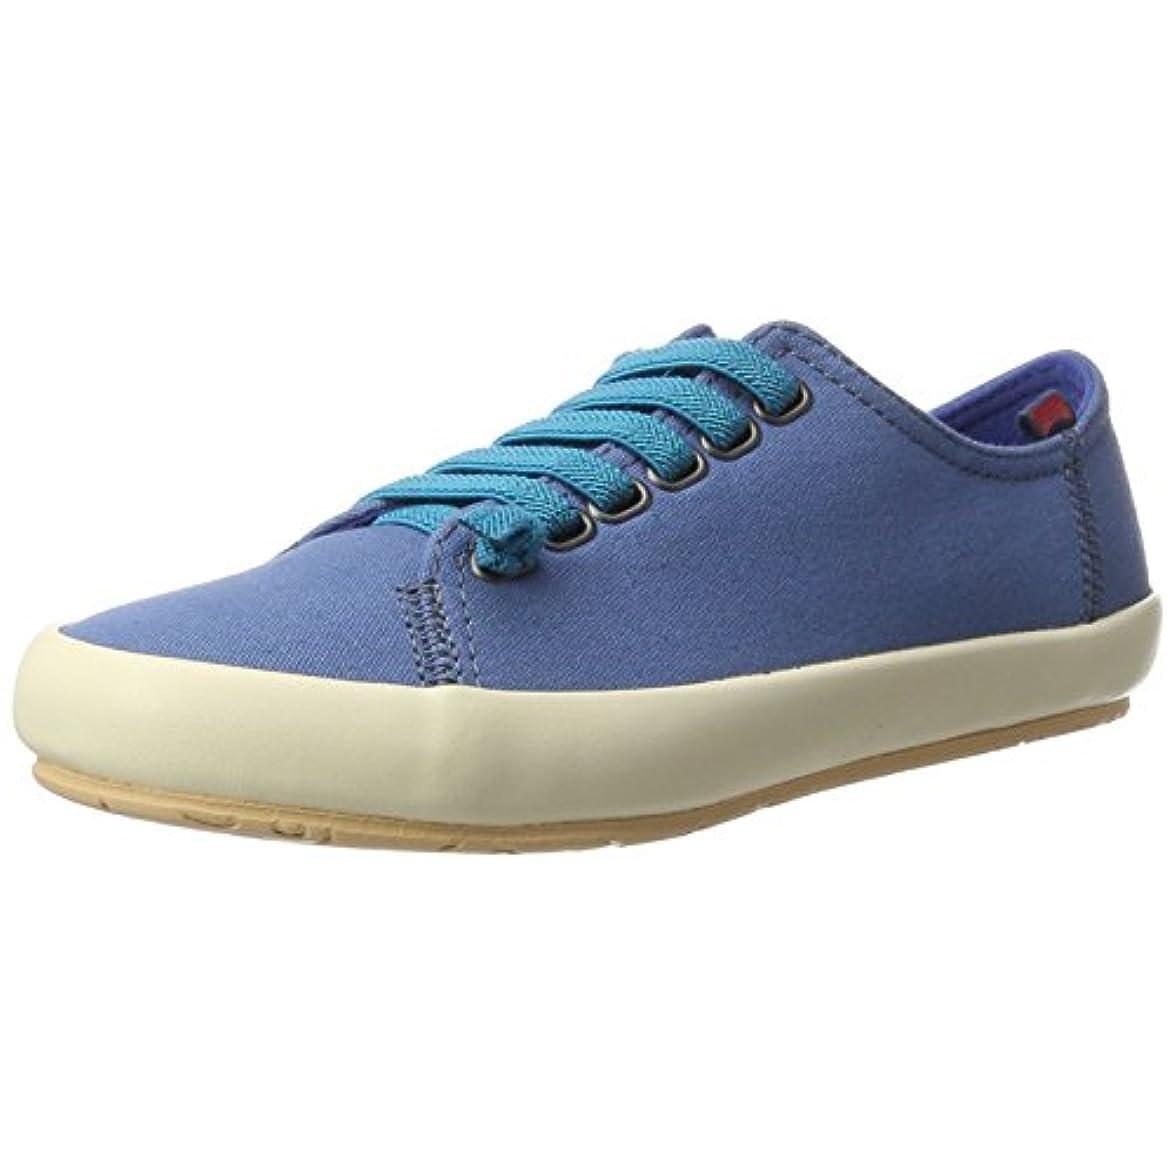 Camper Bne K200284 001 Sneaker Donna